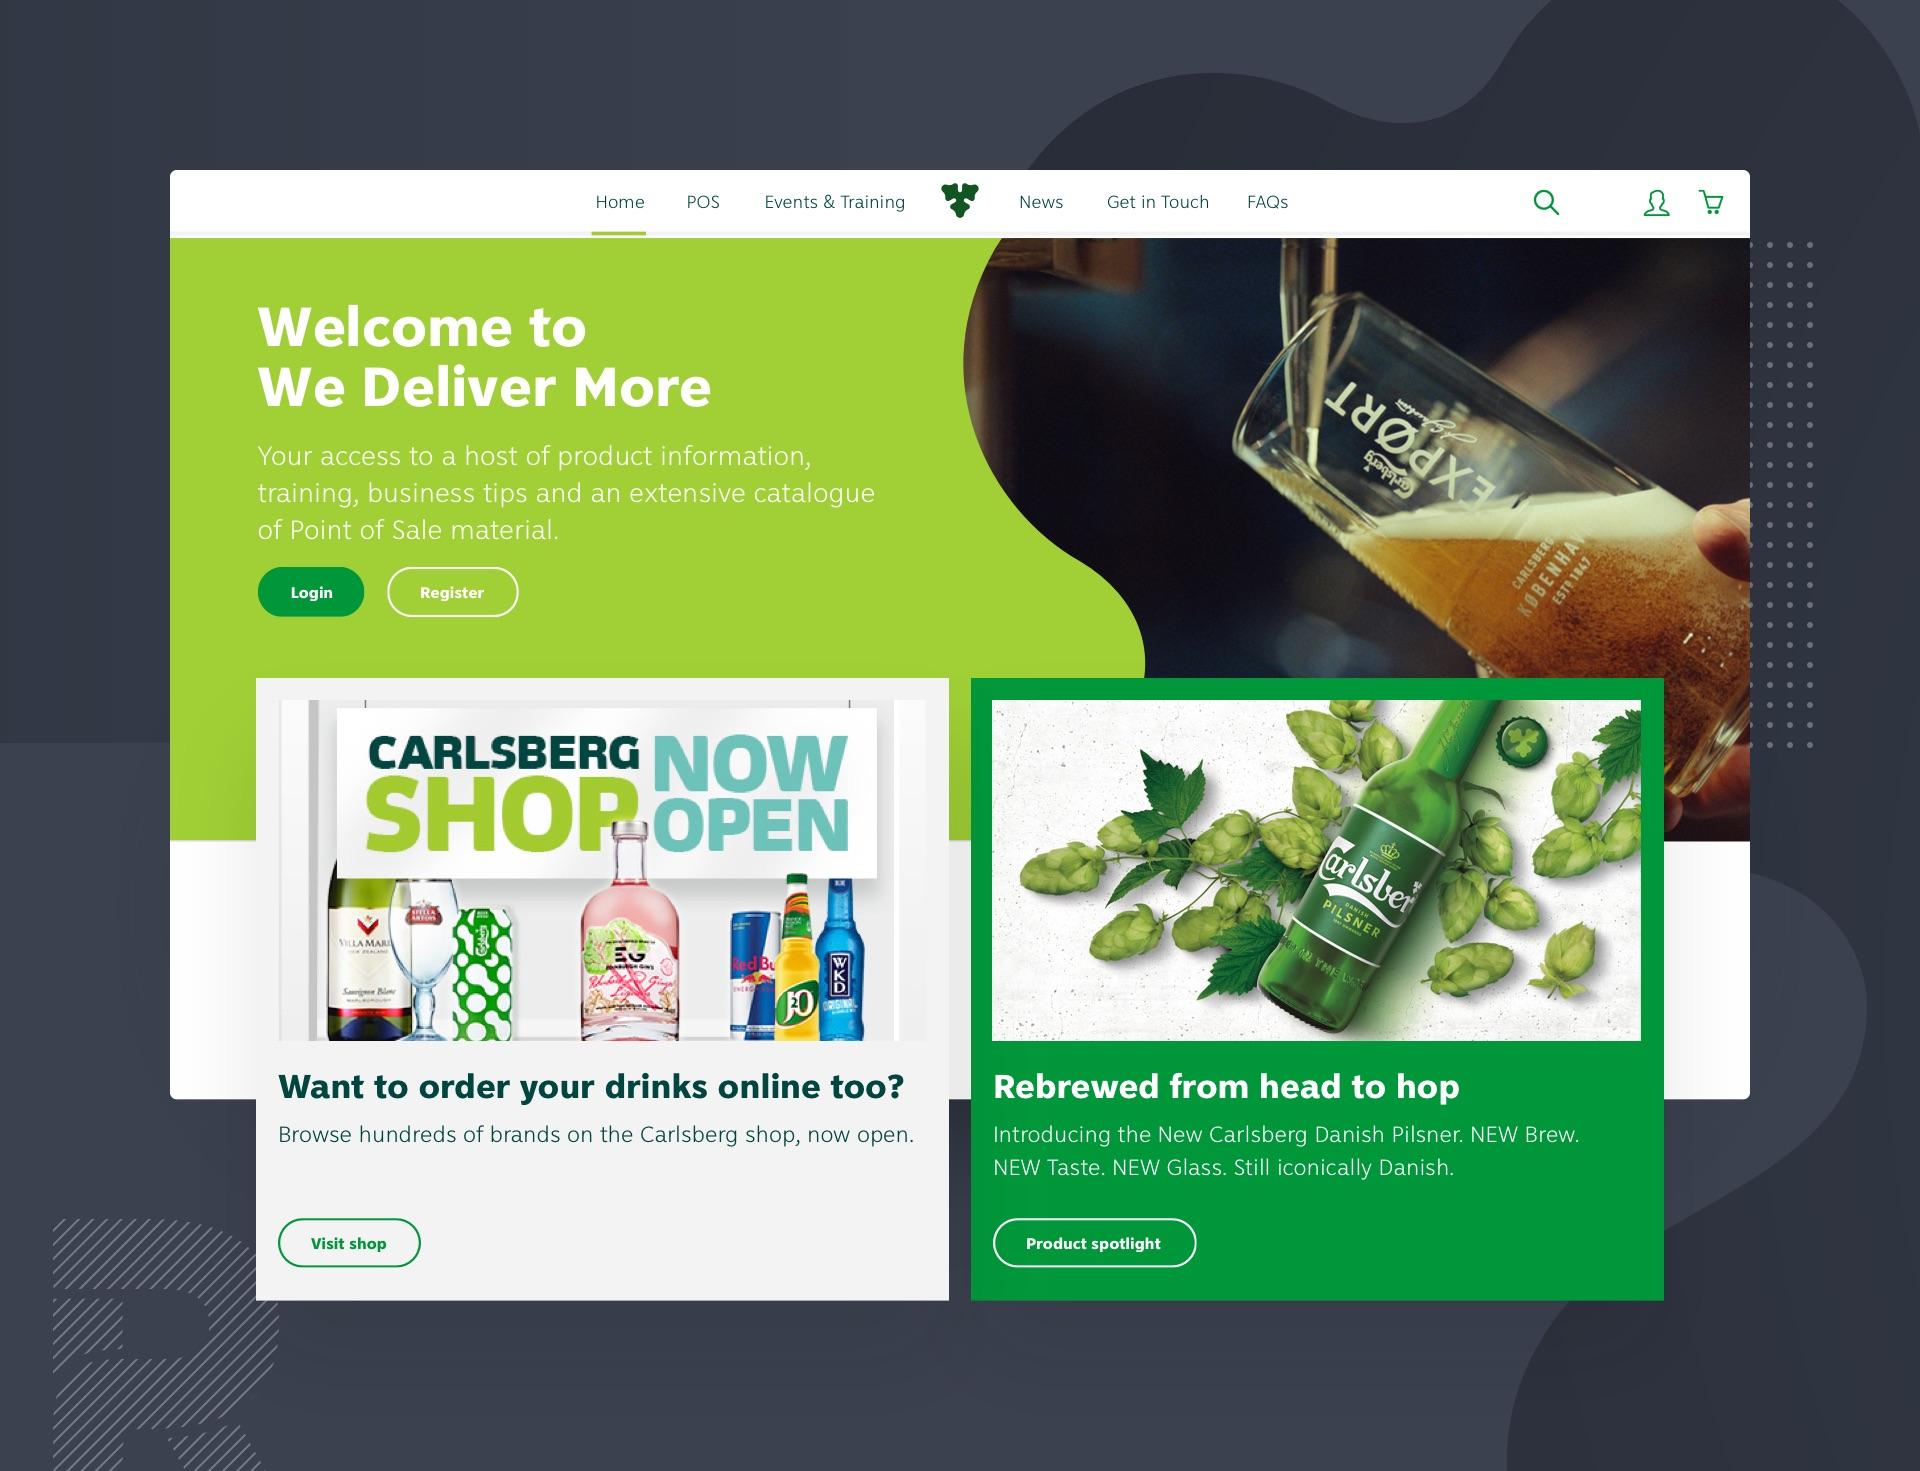 Carlsberg We Deliver More showcase image